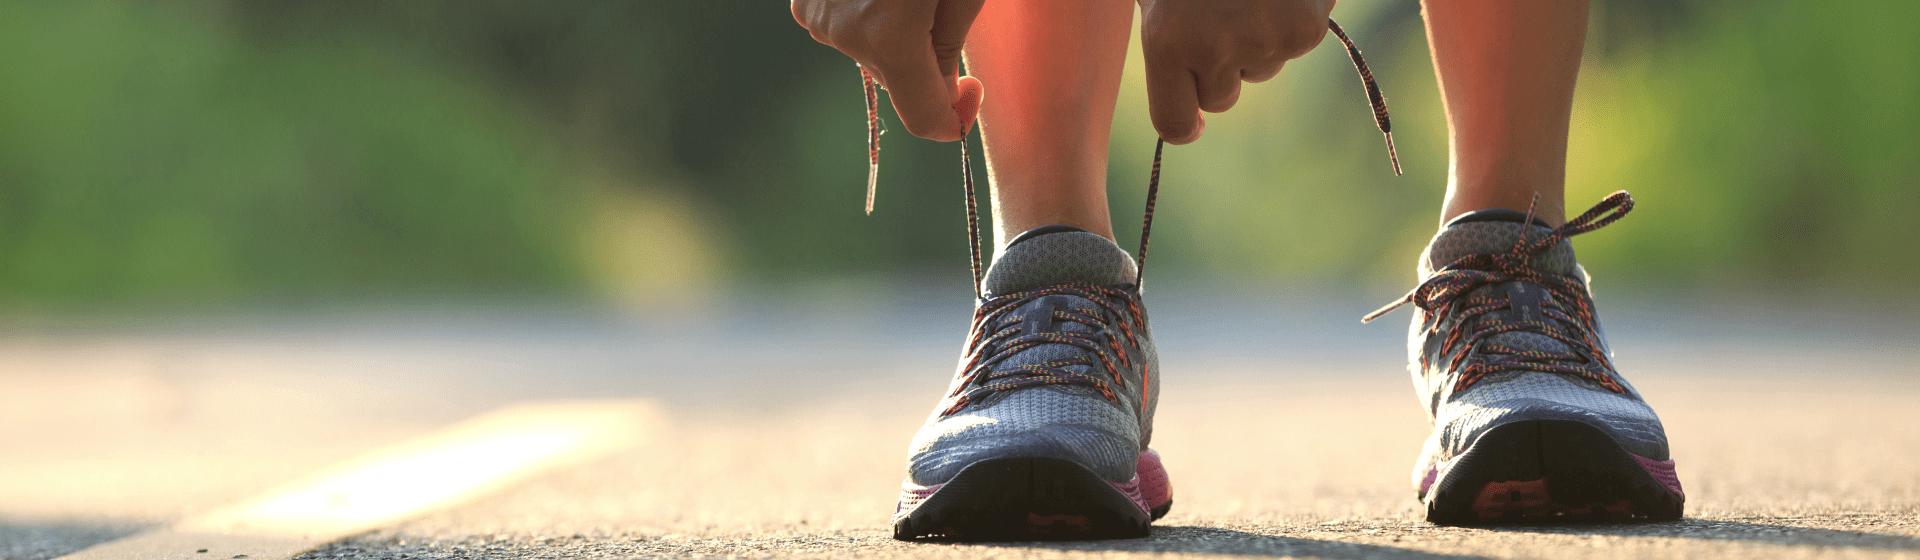 Tênis para caminhada mais vendidos em maio de 2021